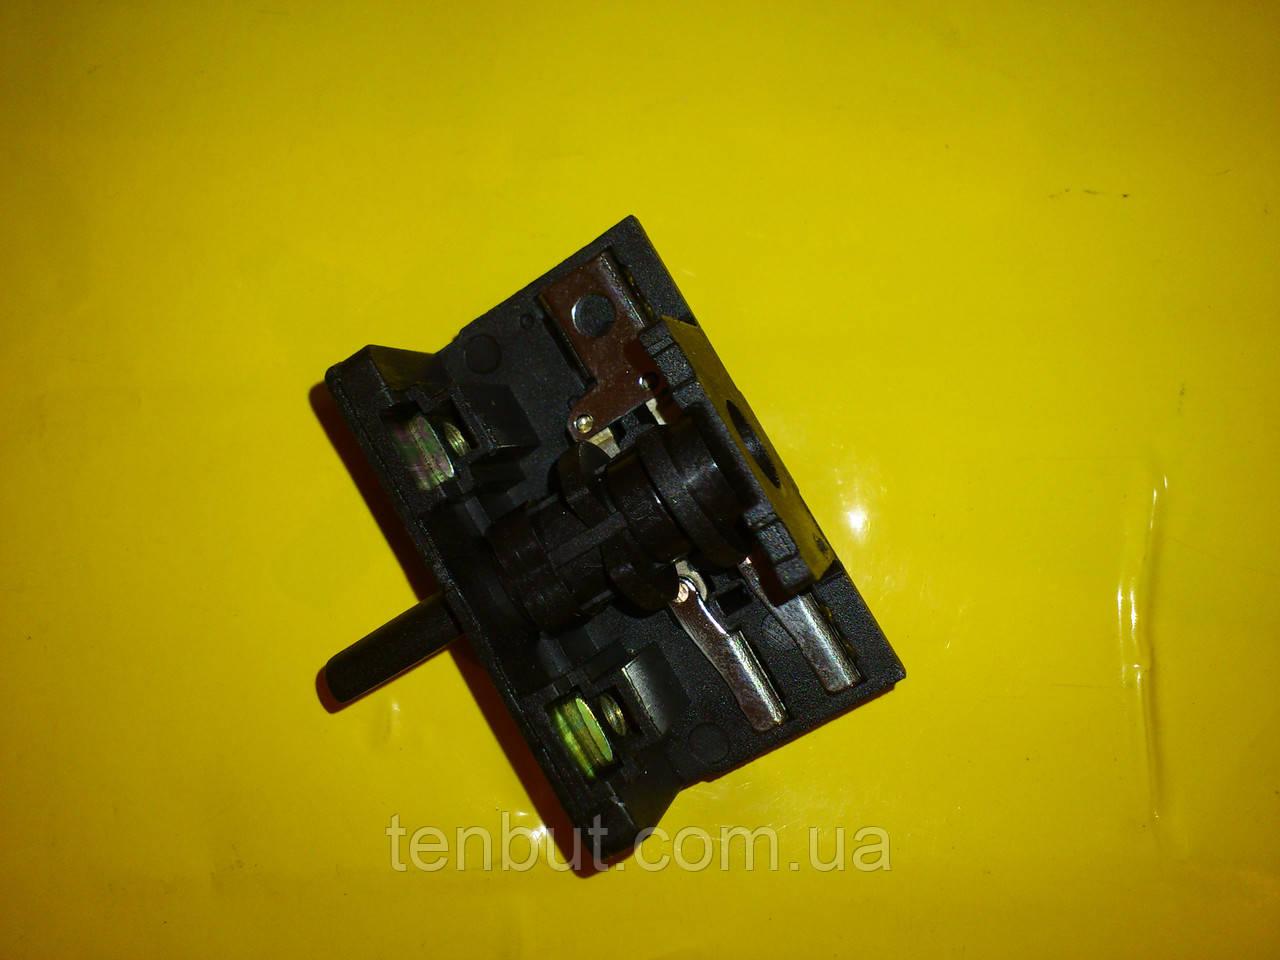 Переключатель для электродуховок АС 201 клемы вниз производство Турция